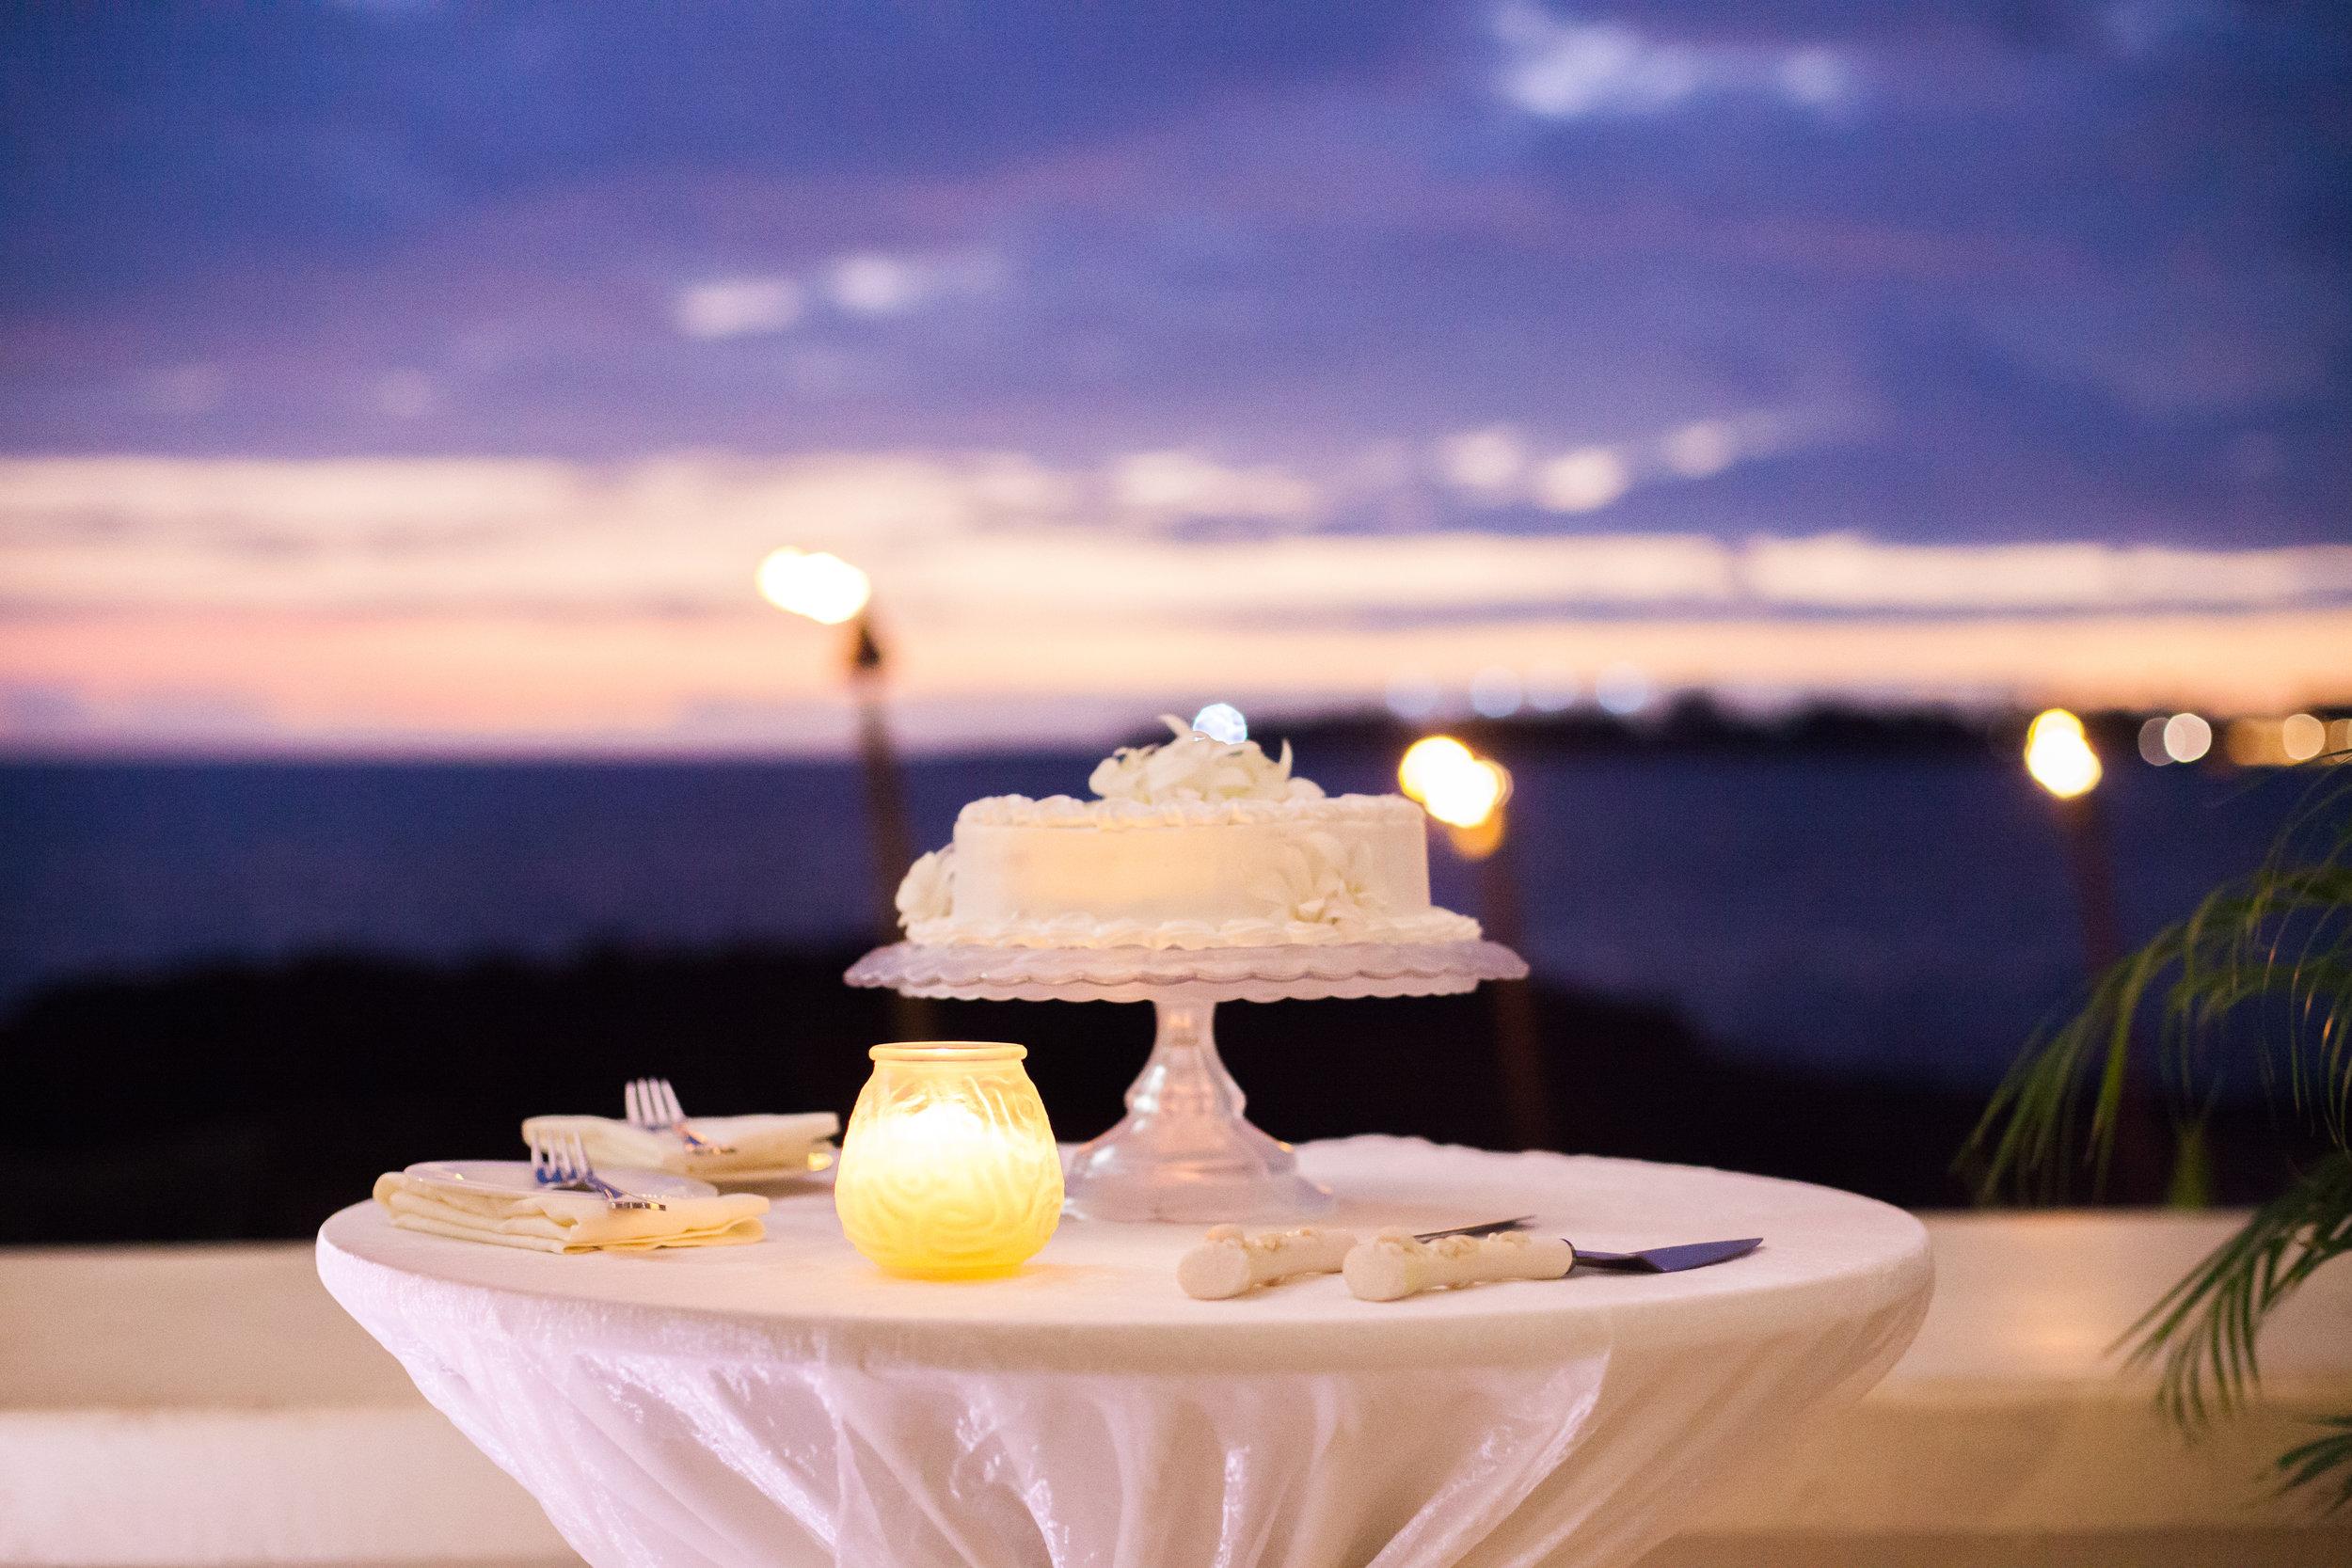 big island hawaii royal kona resort beach wedding © kelilina photography 20170520192020.jpg